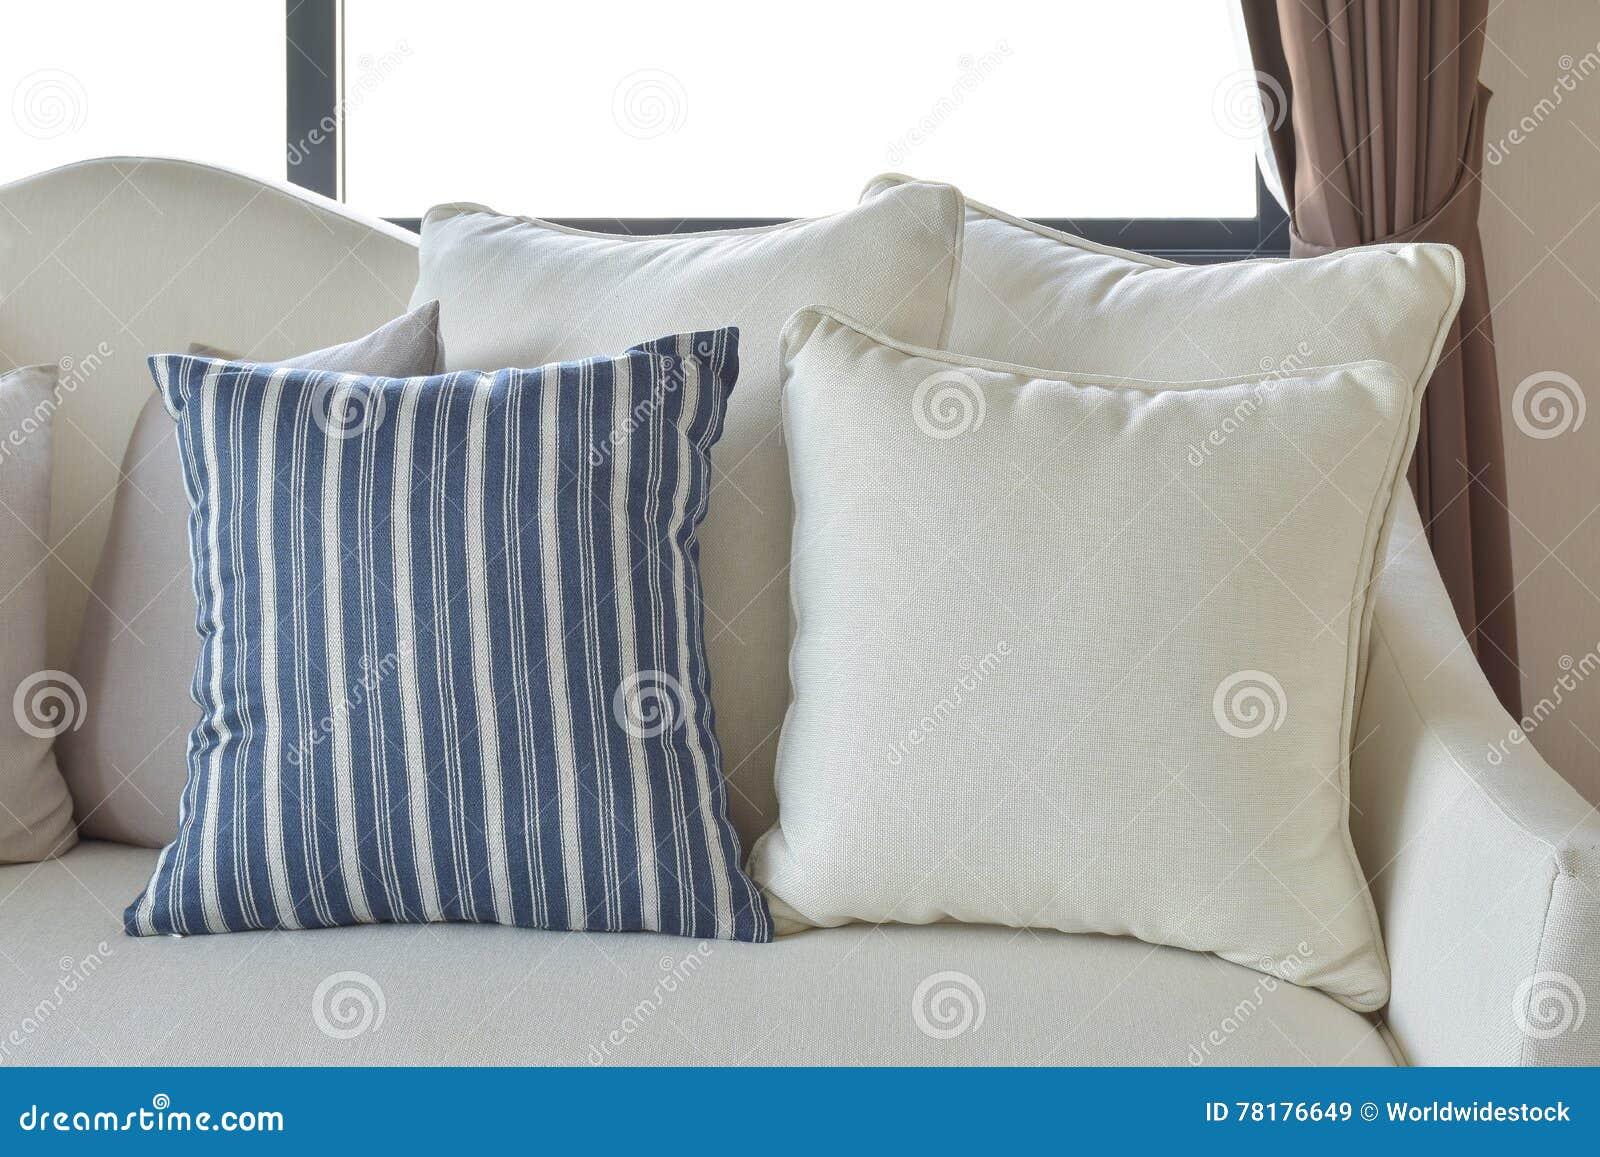 Białe I Błękitne Dekoracyjne Poduszki Na Przypadkowej